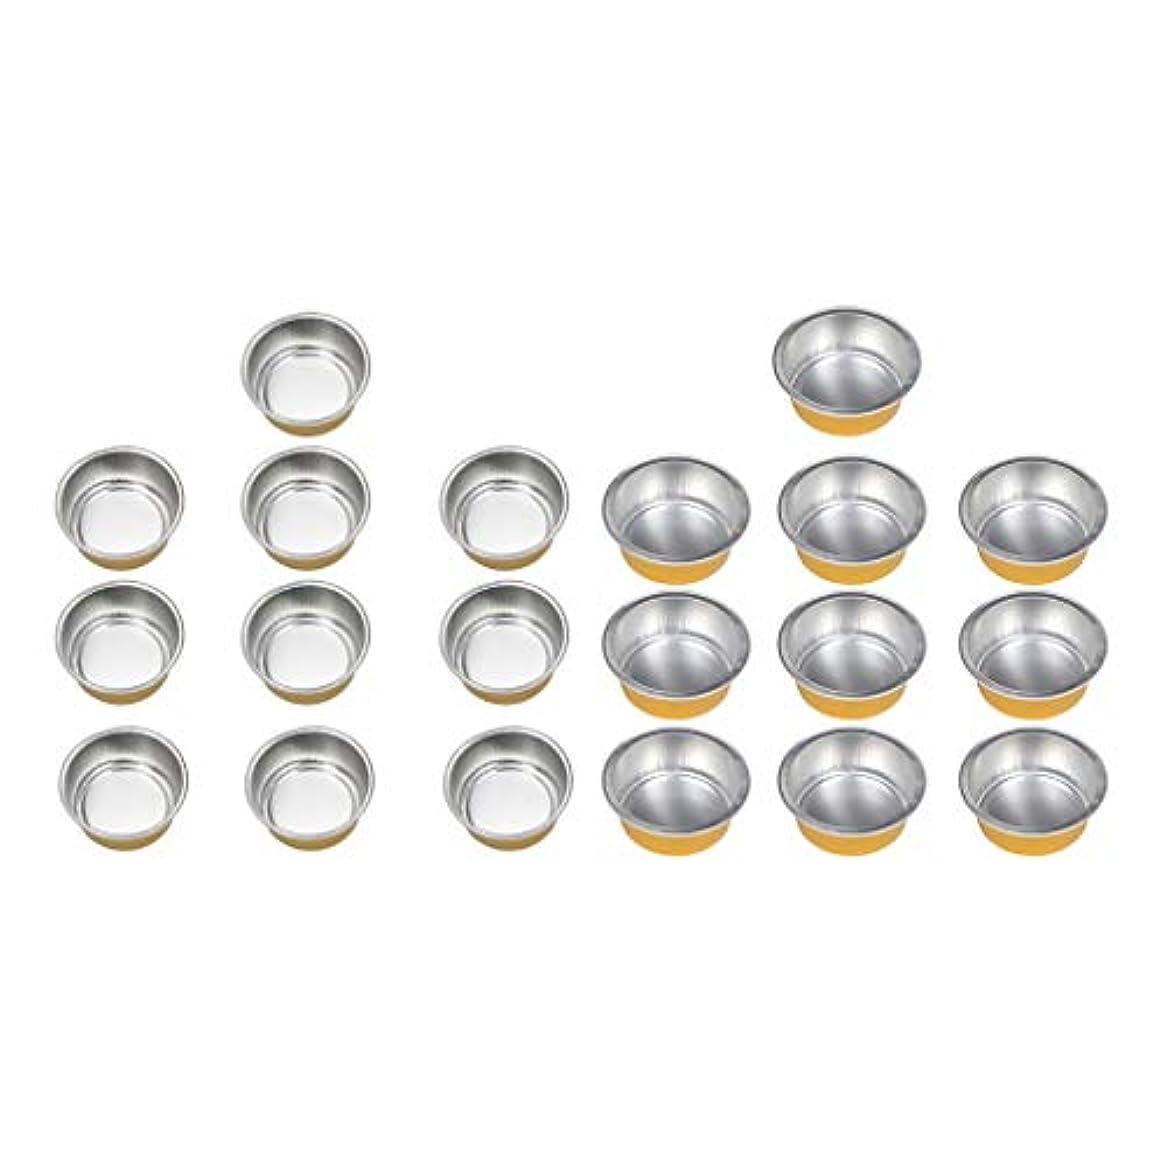 わがままマングルエイリアンB Blesiya 溶融ワックスボウル アルミ箔ボウル ミニボウル ラウンド 家庭用 美容室 約20個入